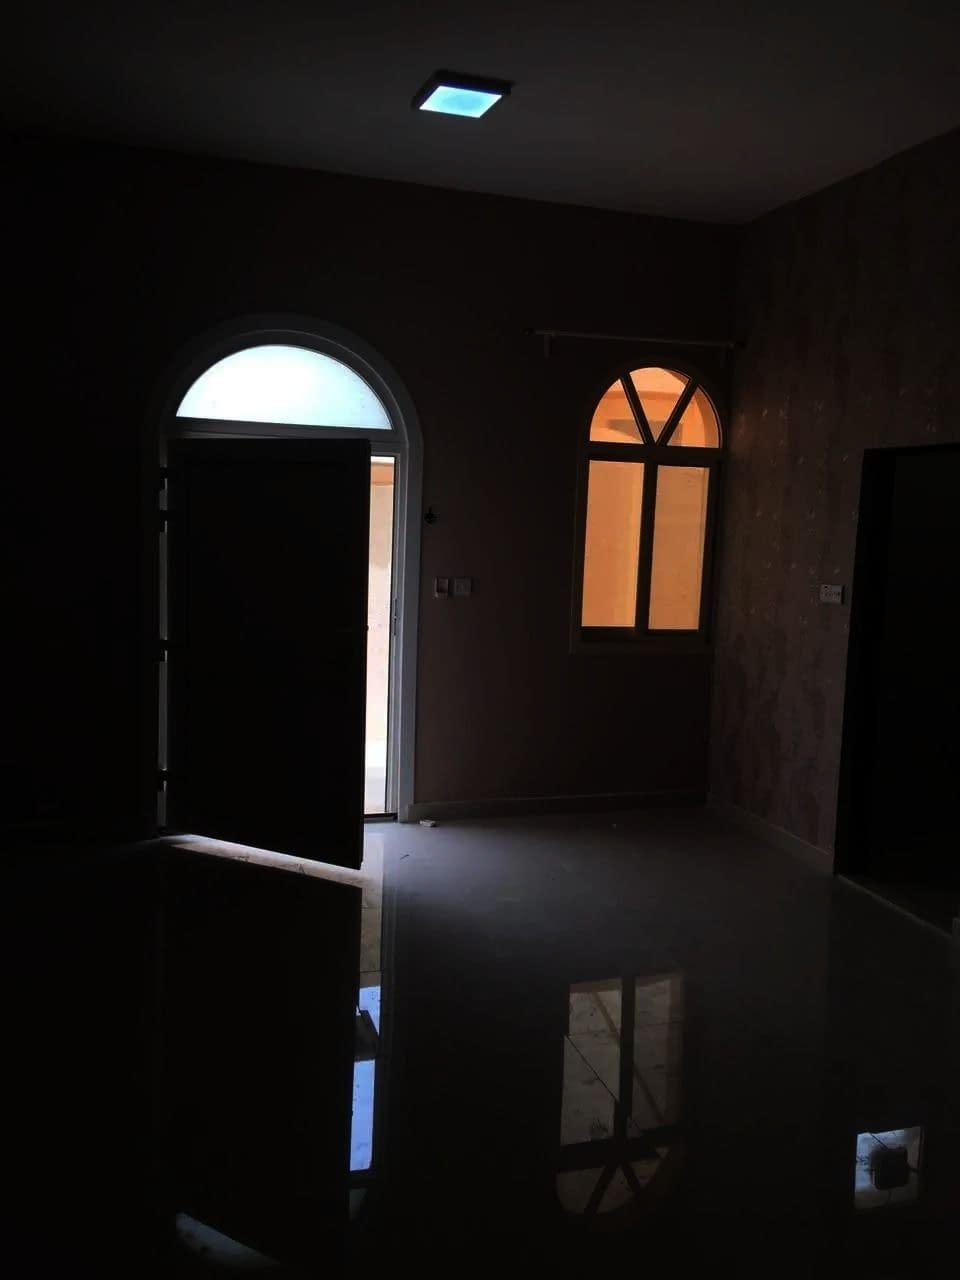 للإيجار ملحق أرضي مدخل خاص في الشامخة